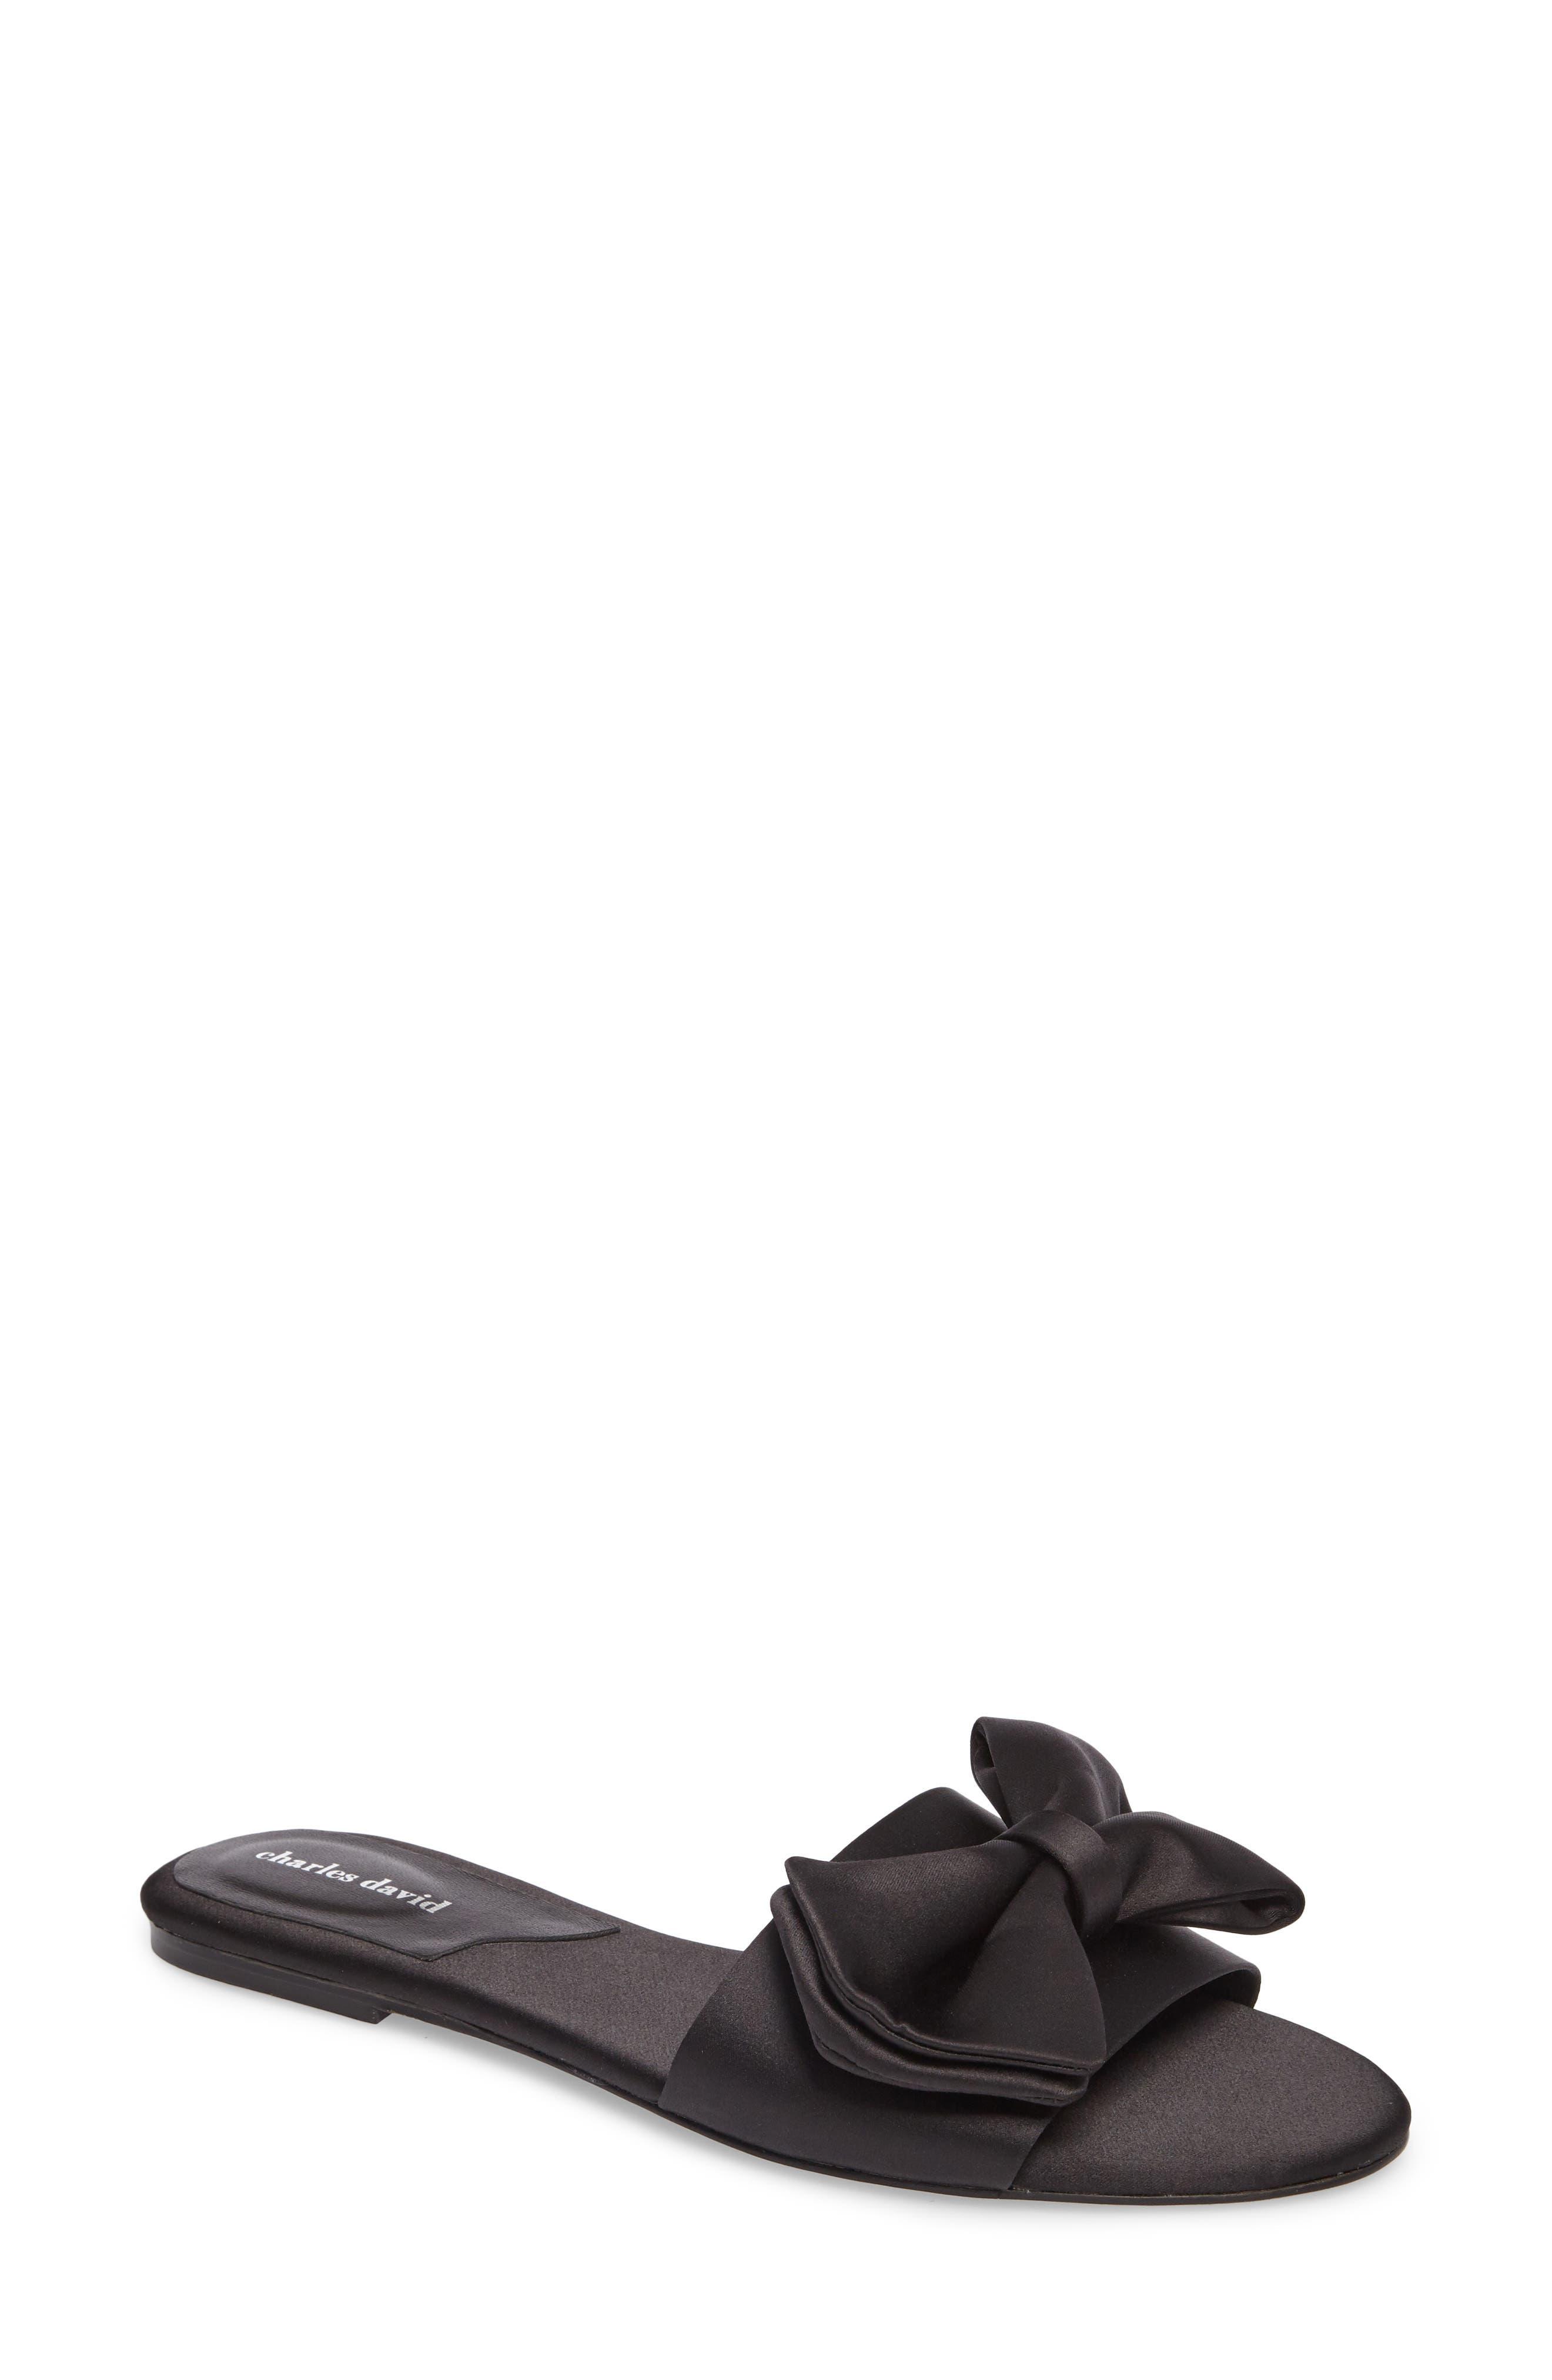 Bow Slide Sandal,                             Main thumbnail 1, color,                             Black Satin